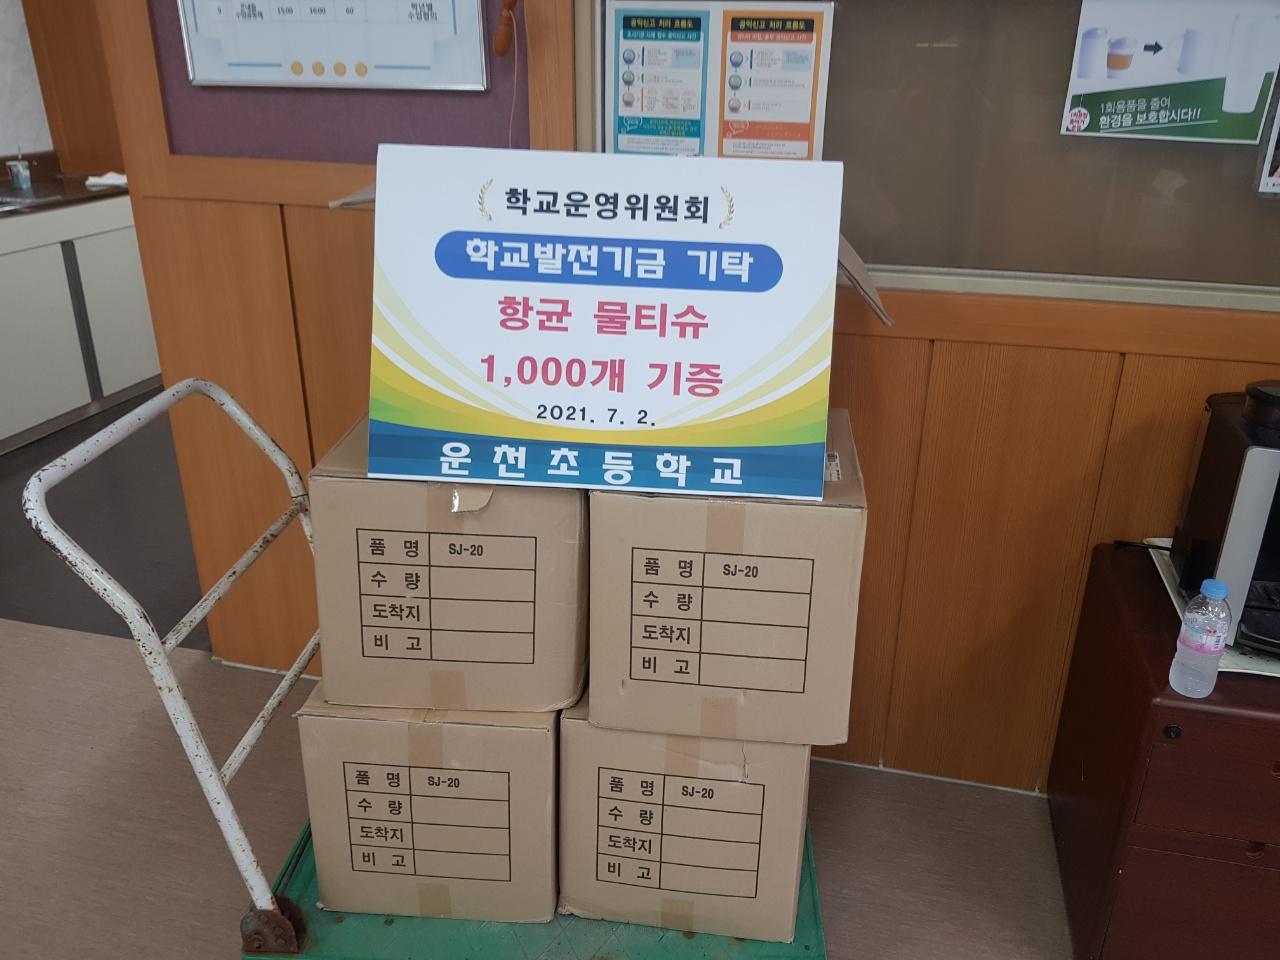 [일반] 학교발전기금 기탁(항균소독 물티슈 기증)의 첨부이미지 1